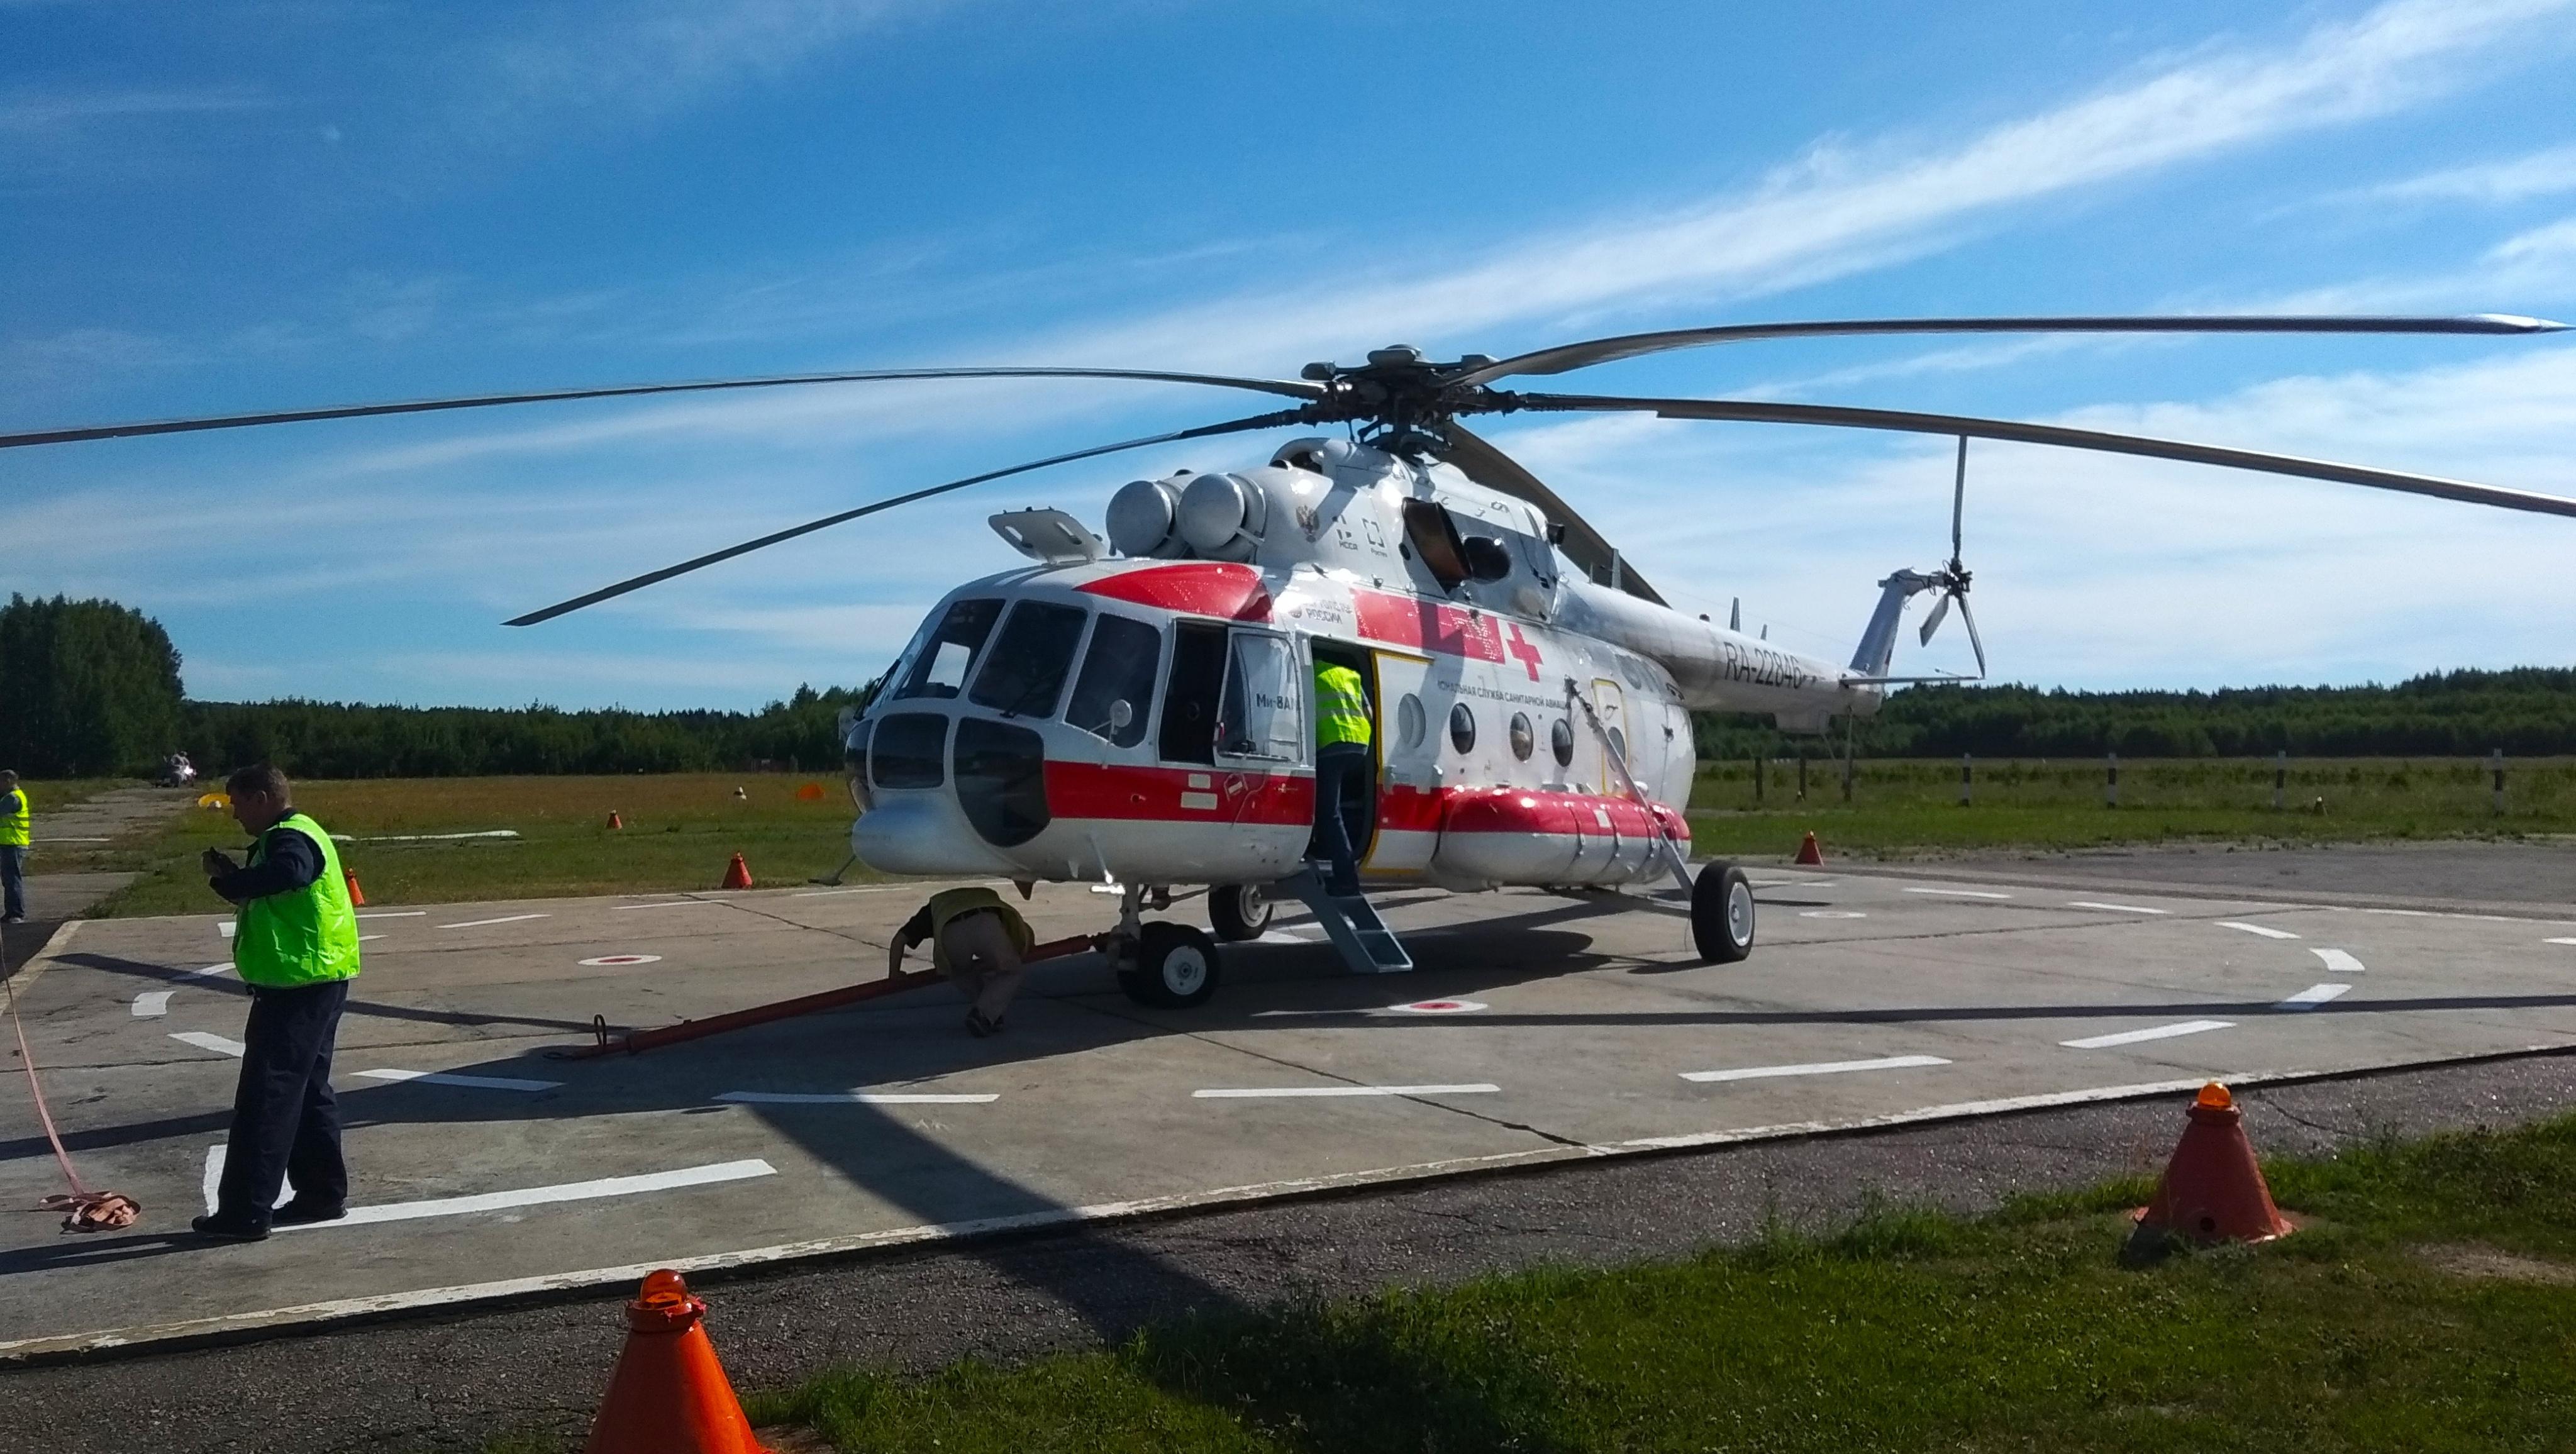 В ДОКБ Твери вертолетом доставлен раненный из травмата ребенок - новости Афанасий